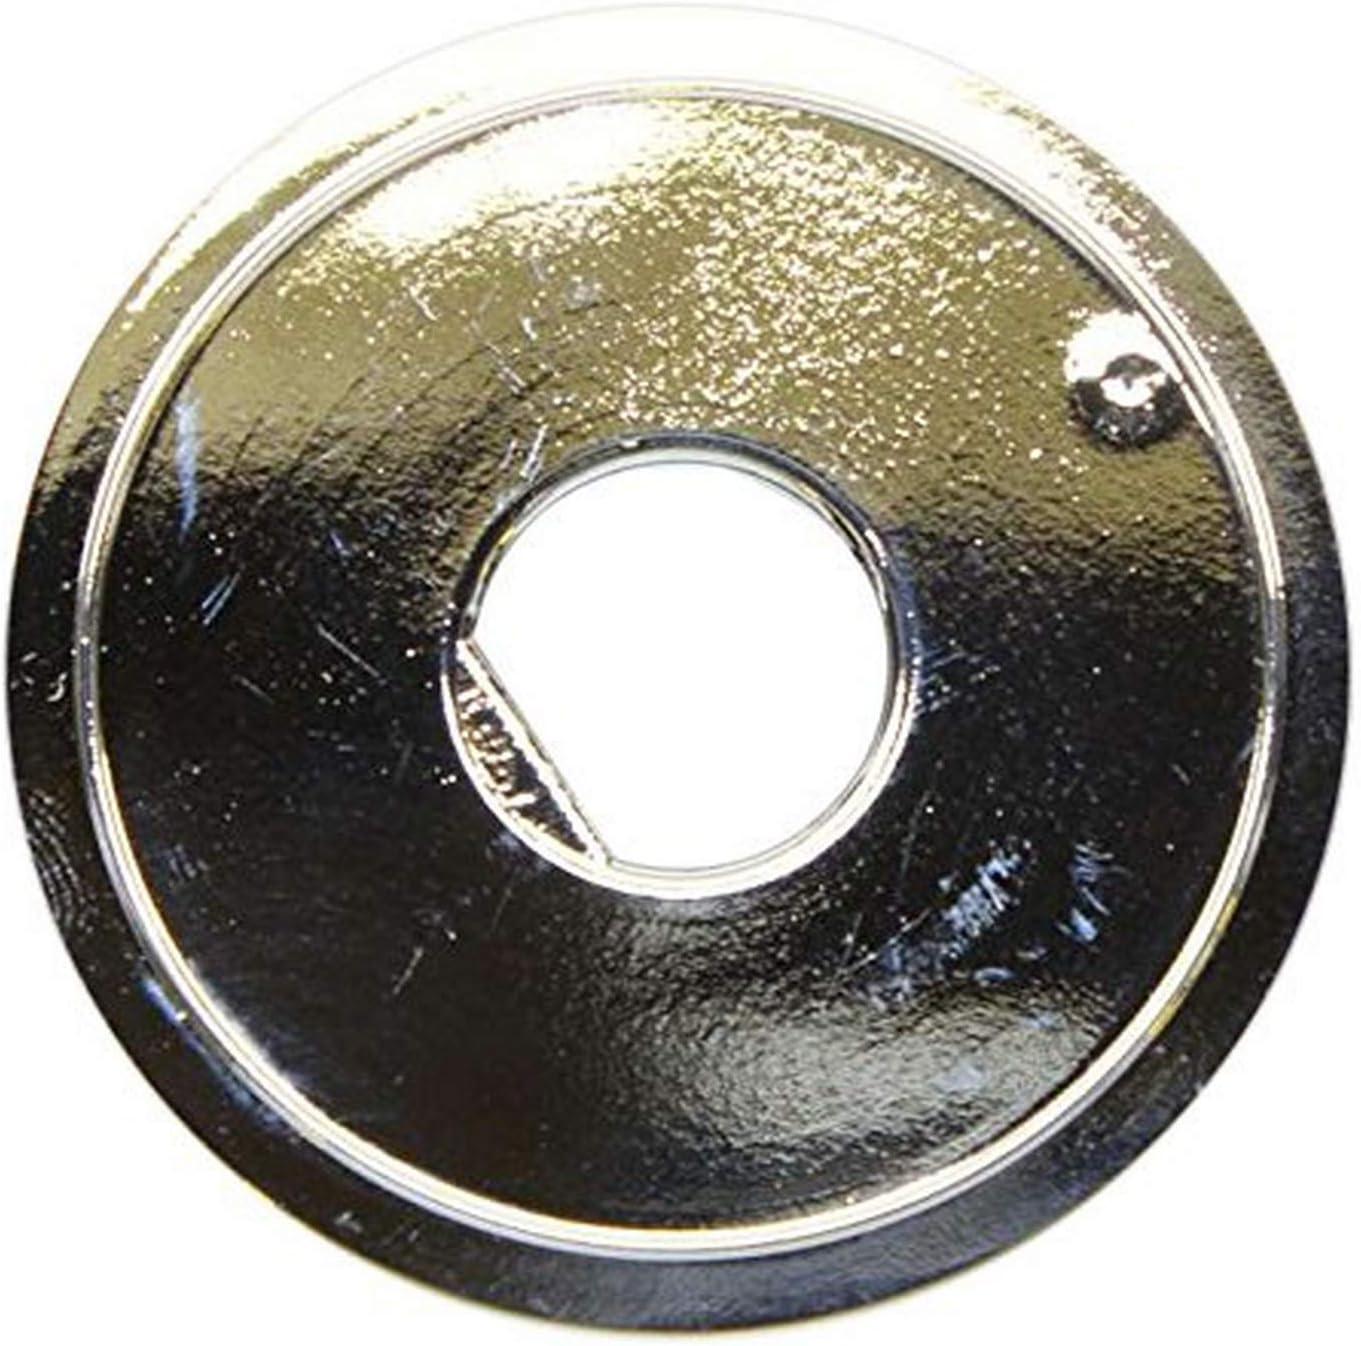 Bertazzoni 4010116 KNOB RING